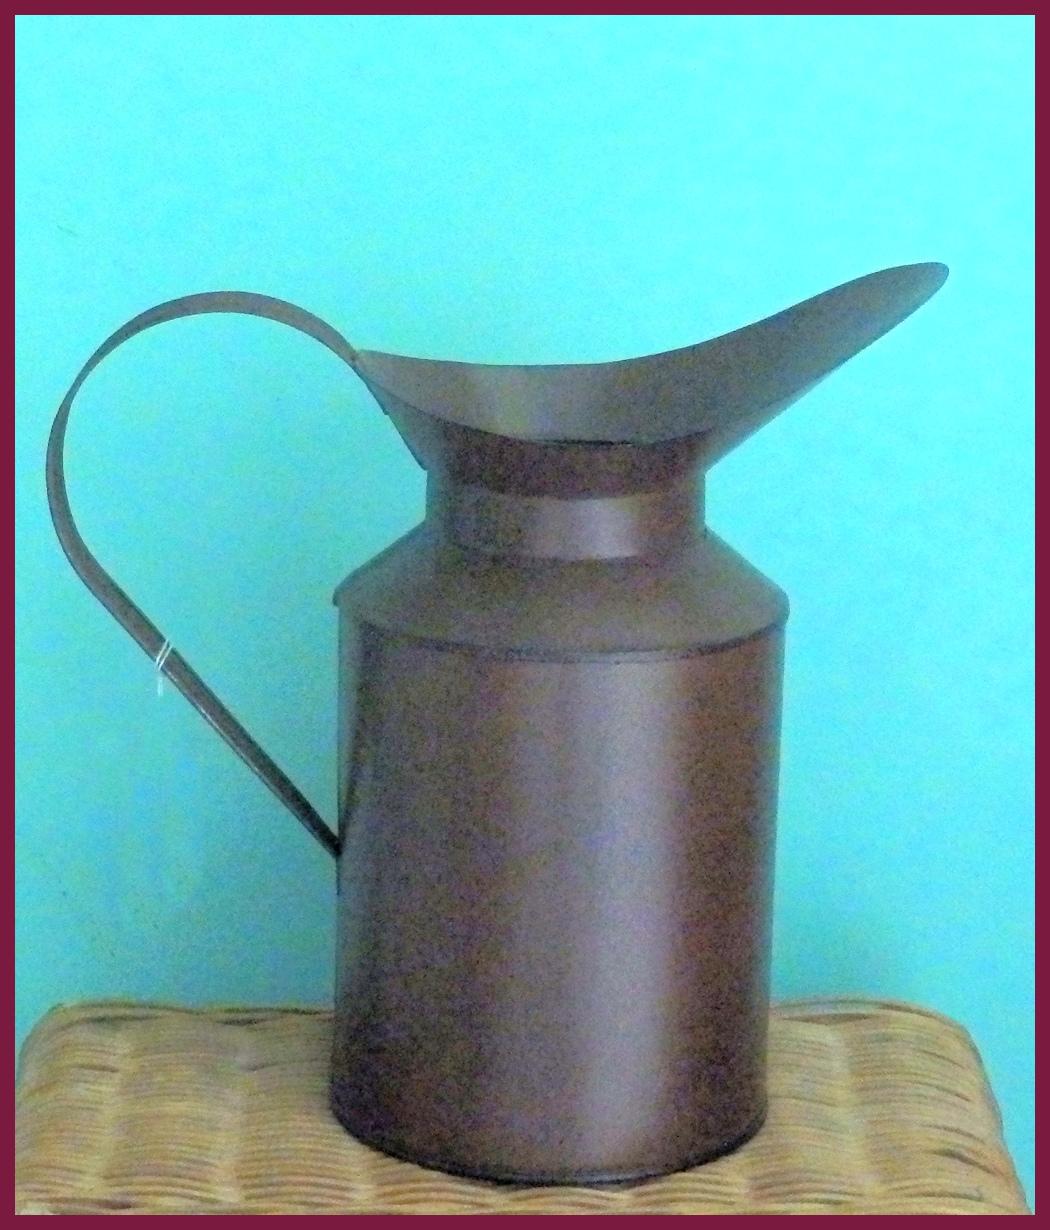 metal-watering-can-rusty-15t220.jpg